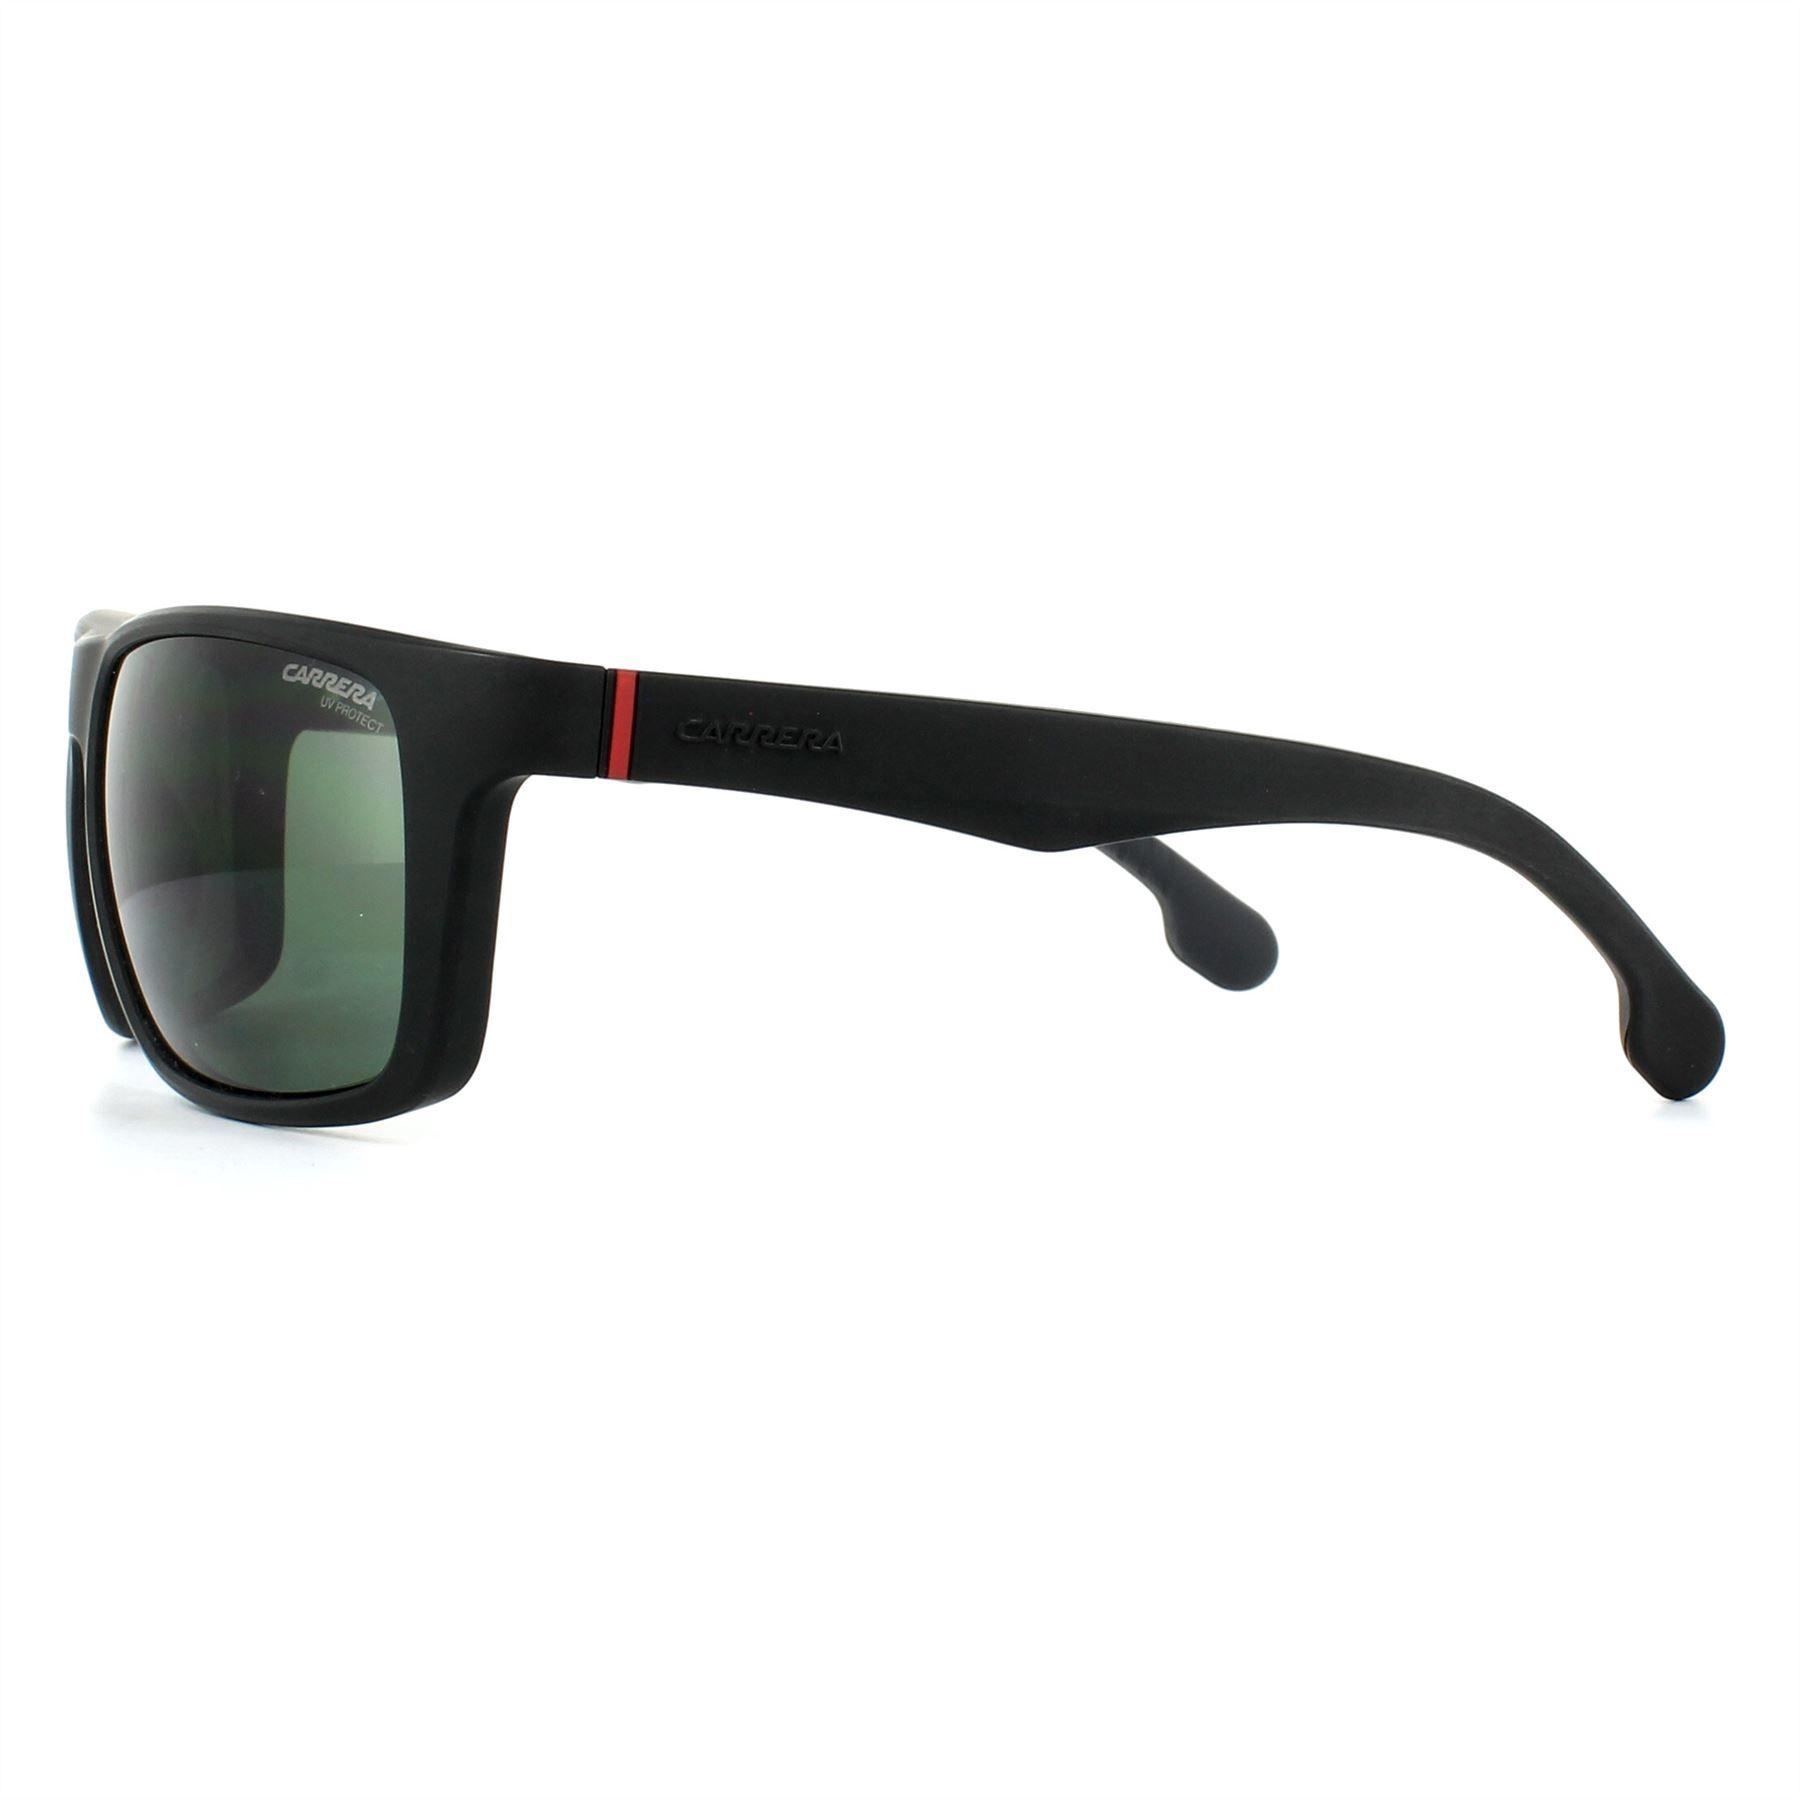 Carrera Sunglasses 8027/S 003 QT Matt Black Green